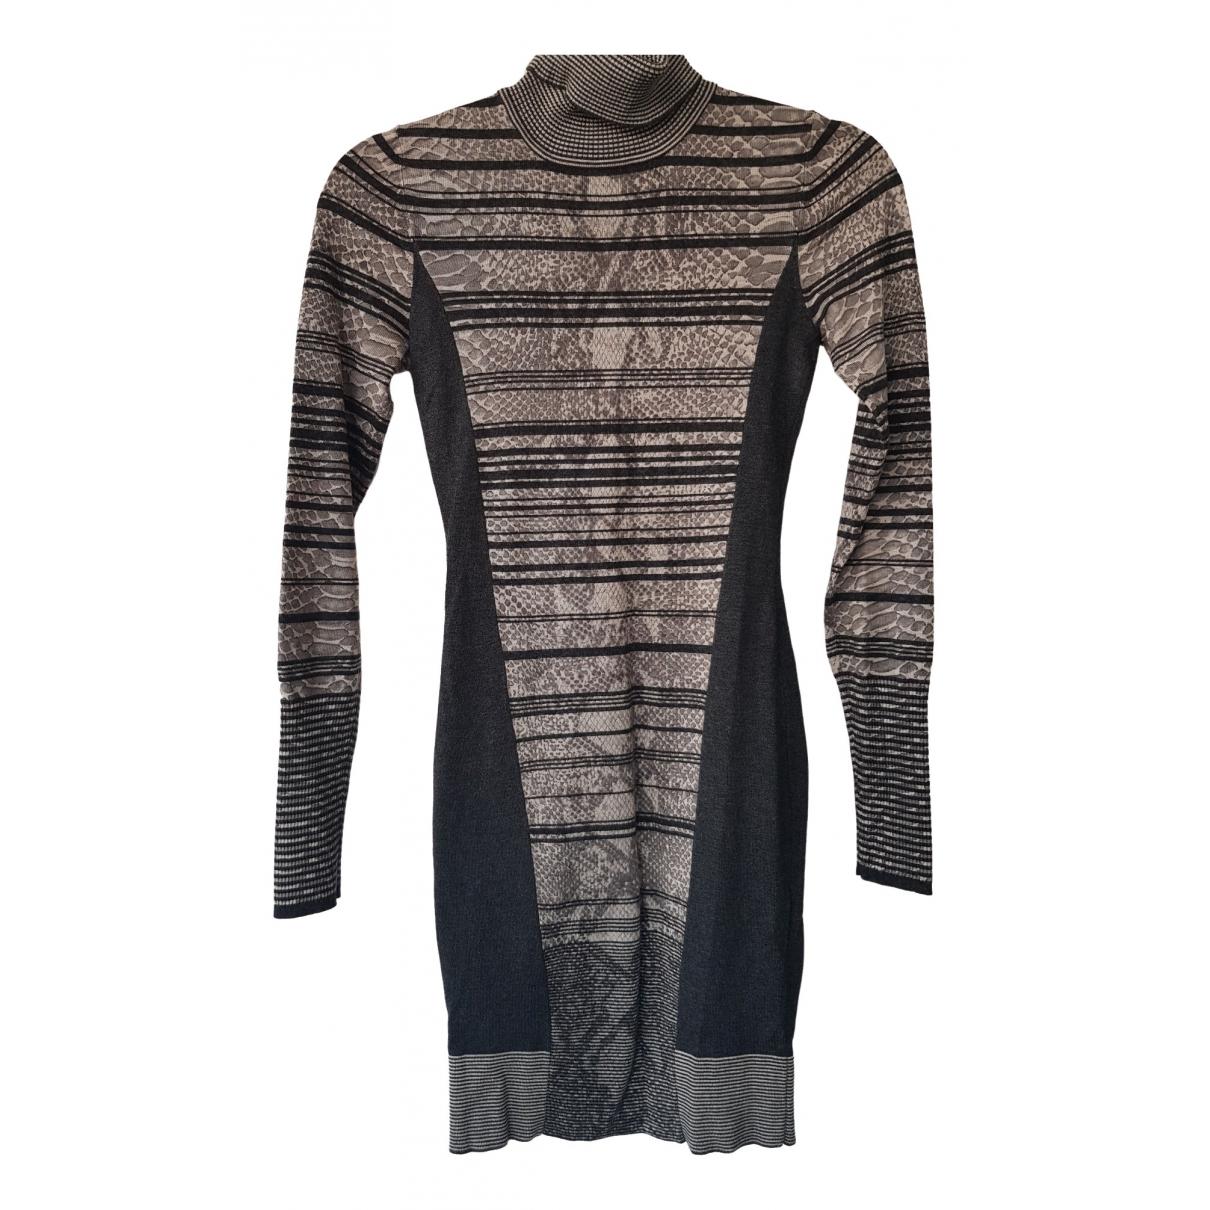 Karen Millen \N Kleid in  Grau Viskose